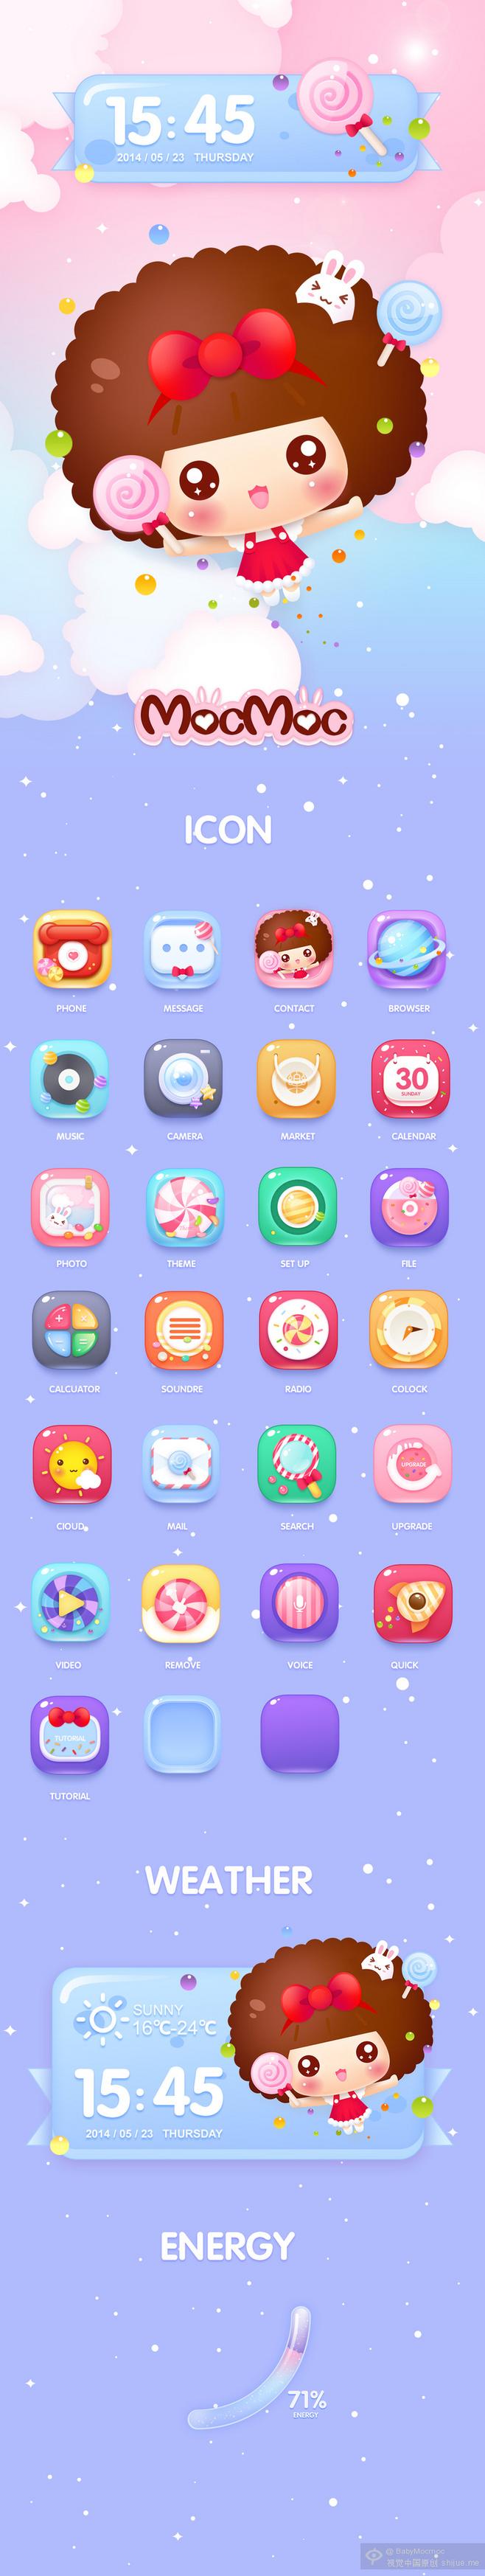 手机app主题图标设计欣赏4